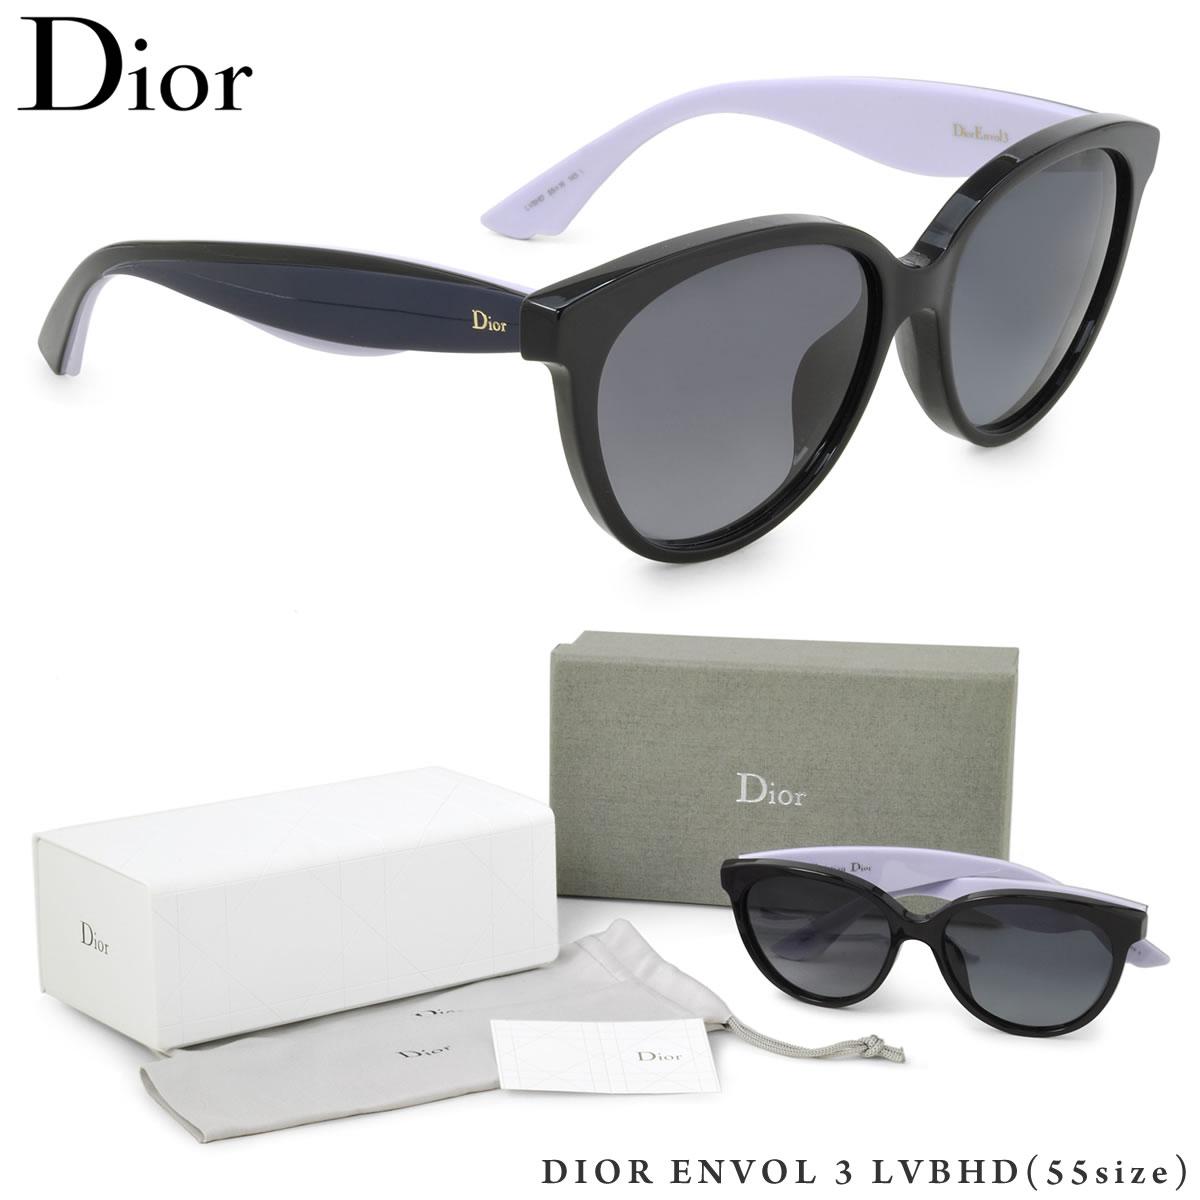 【10月30日からエントリーで全品ポイント20倍】【Dior】(ディオール) サングラス DIOR ENVOL 3 LVBHD 55サイズ バタフライ オンボル ディオール Dior レディース